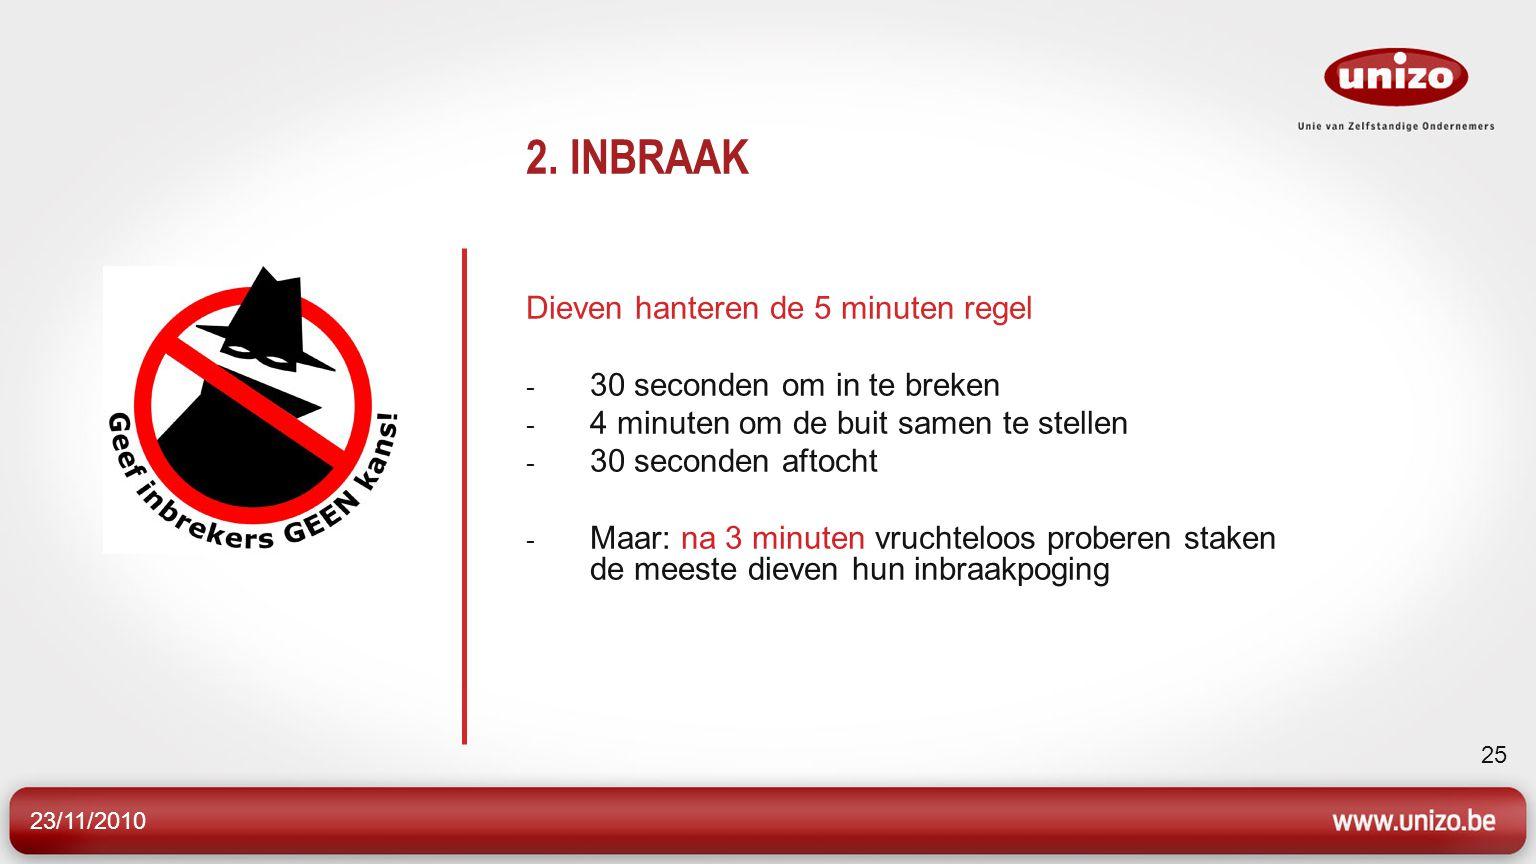 23/11/2010 25 2. INBRAAK Dieven hanteren de 5 minuten regel - 30 seconden om in te breken - 4 minuten om de buit samen te stellen - 30 seconden aftoch